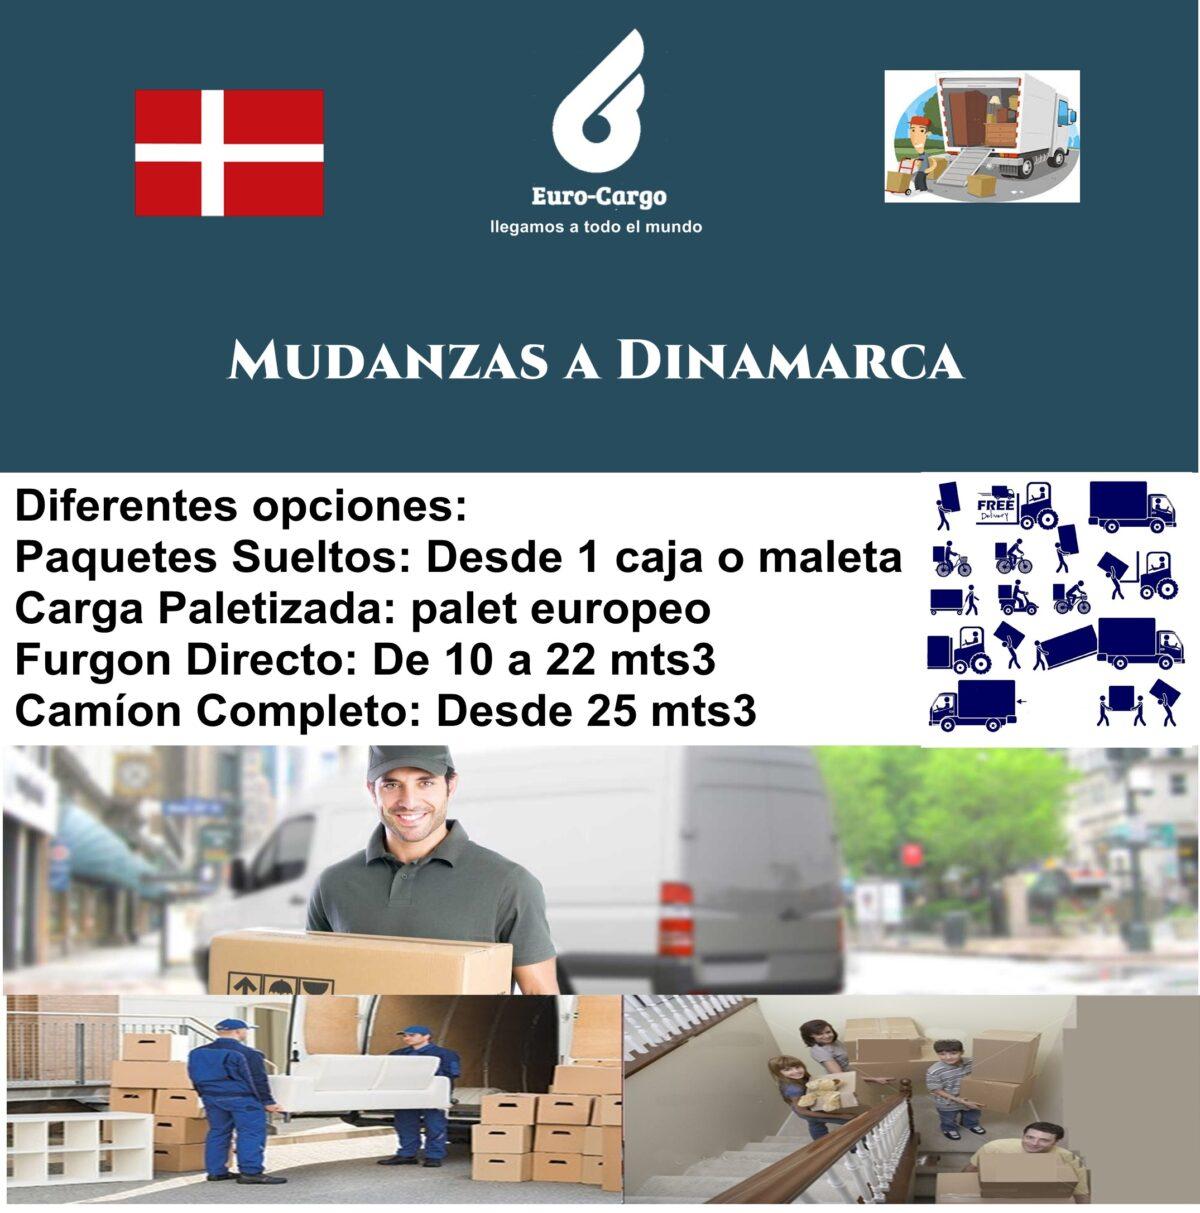 Mudanzas-a-Dinamarca-1200x1213.jpg